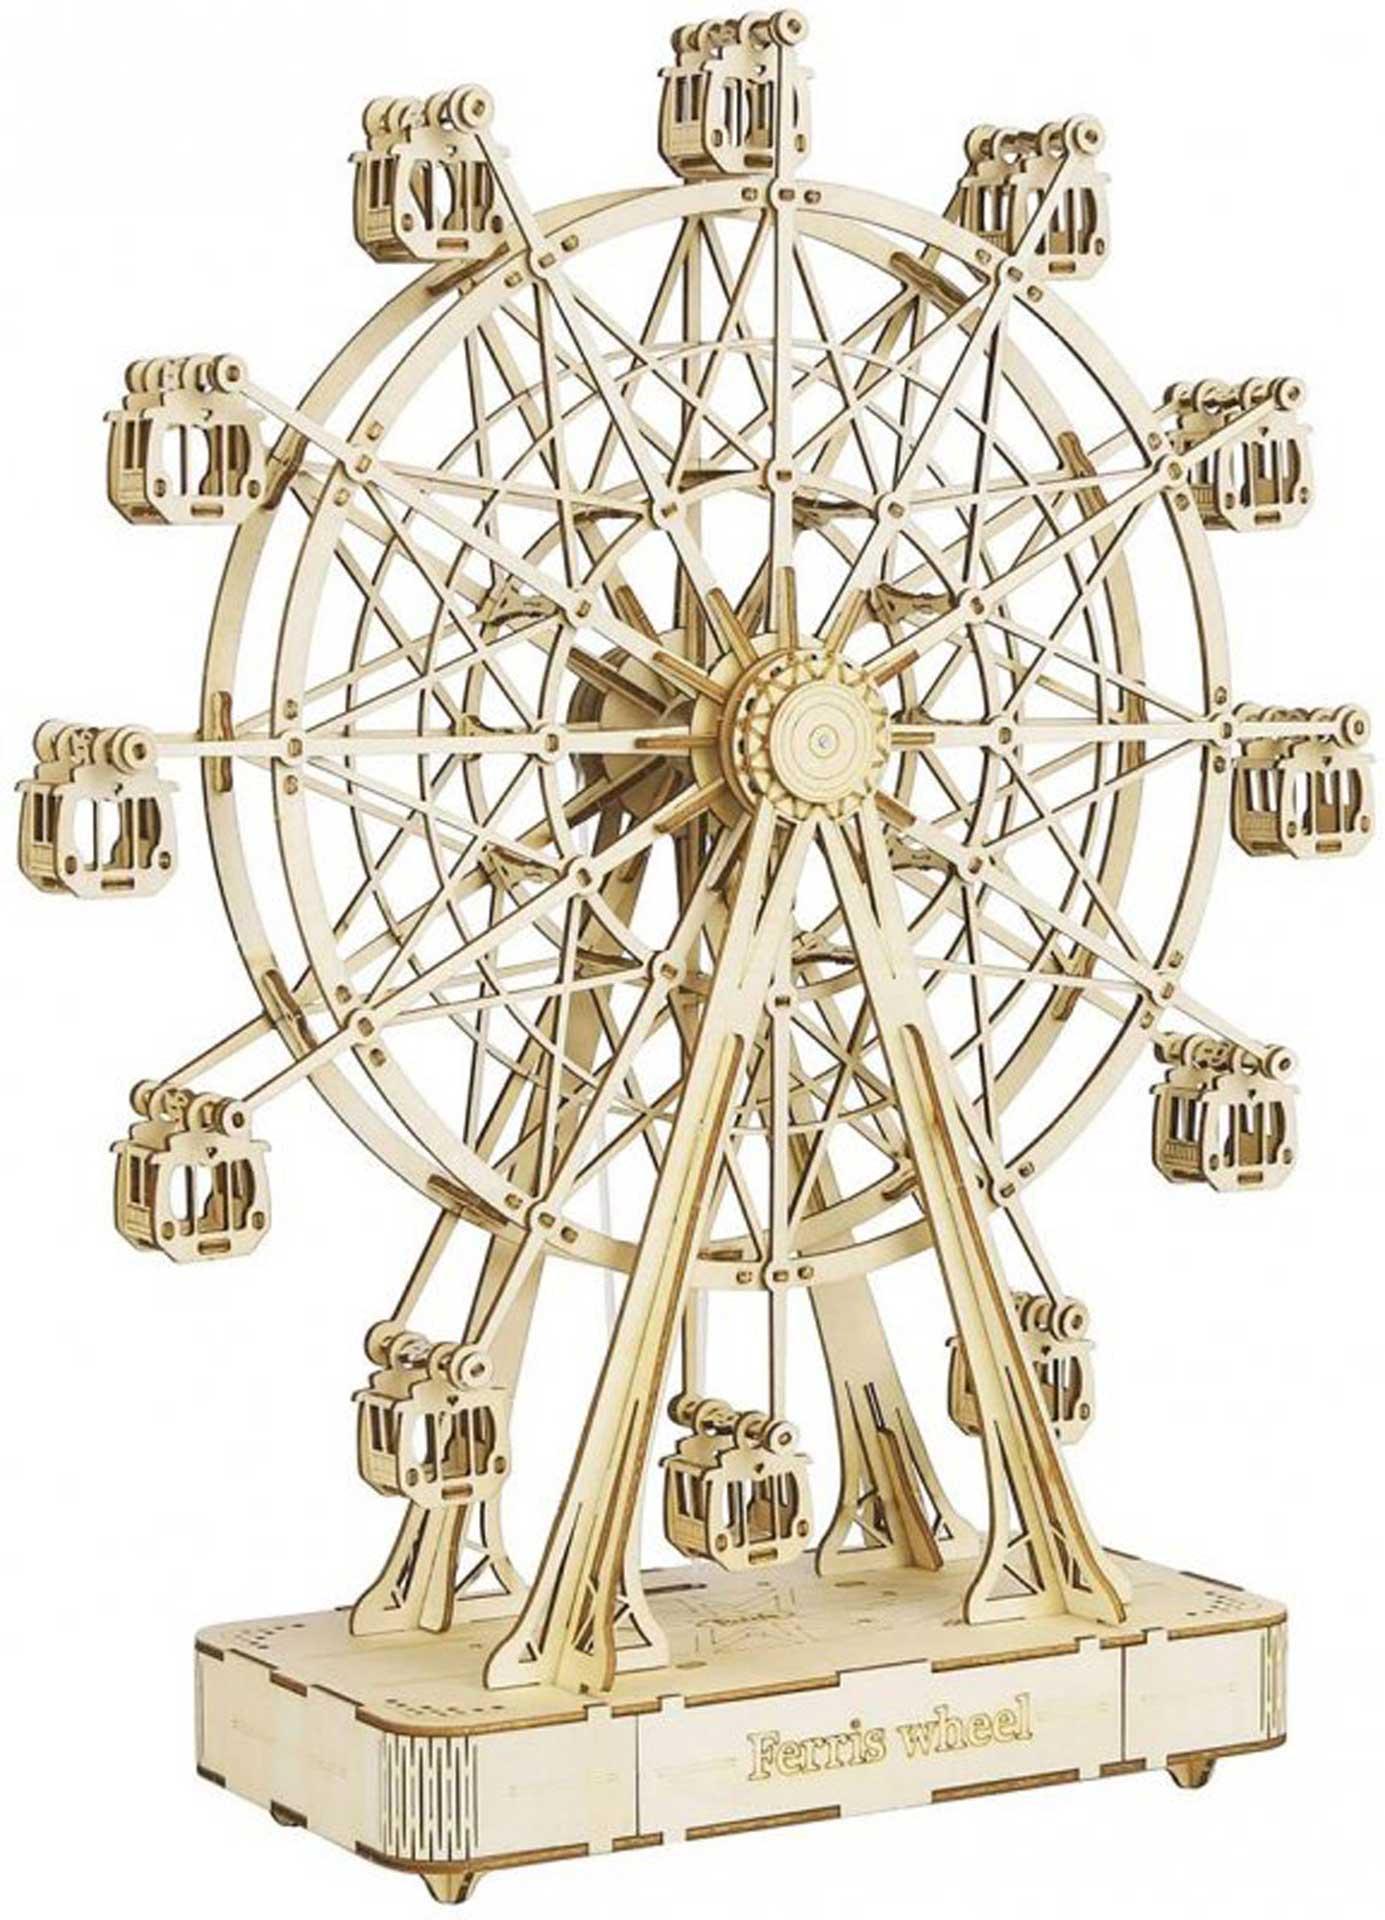 PICHLER Riesenrad Musicbox (Lasercut Holzbausatz )